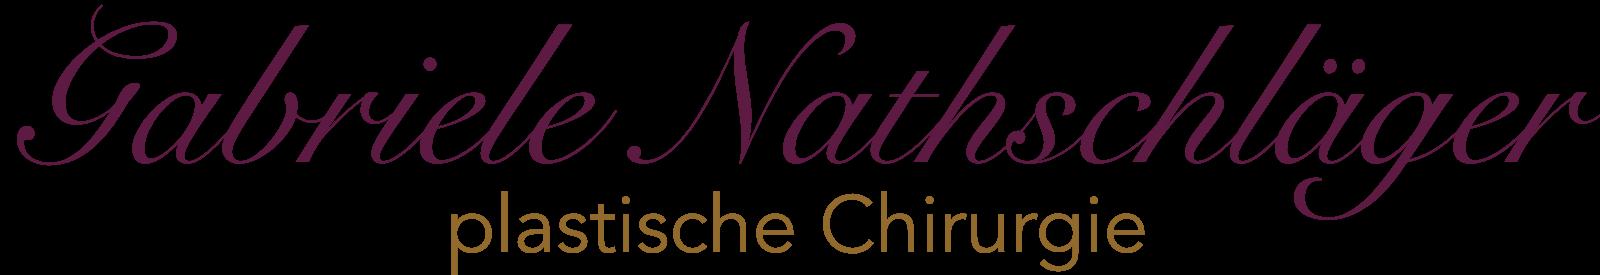 Dr. Gabriele Nathschläger